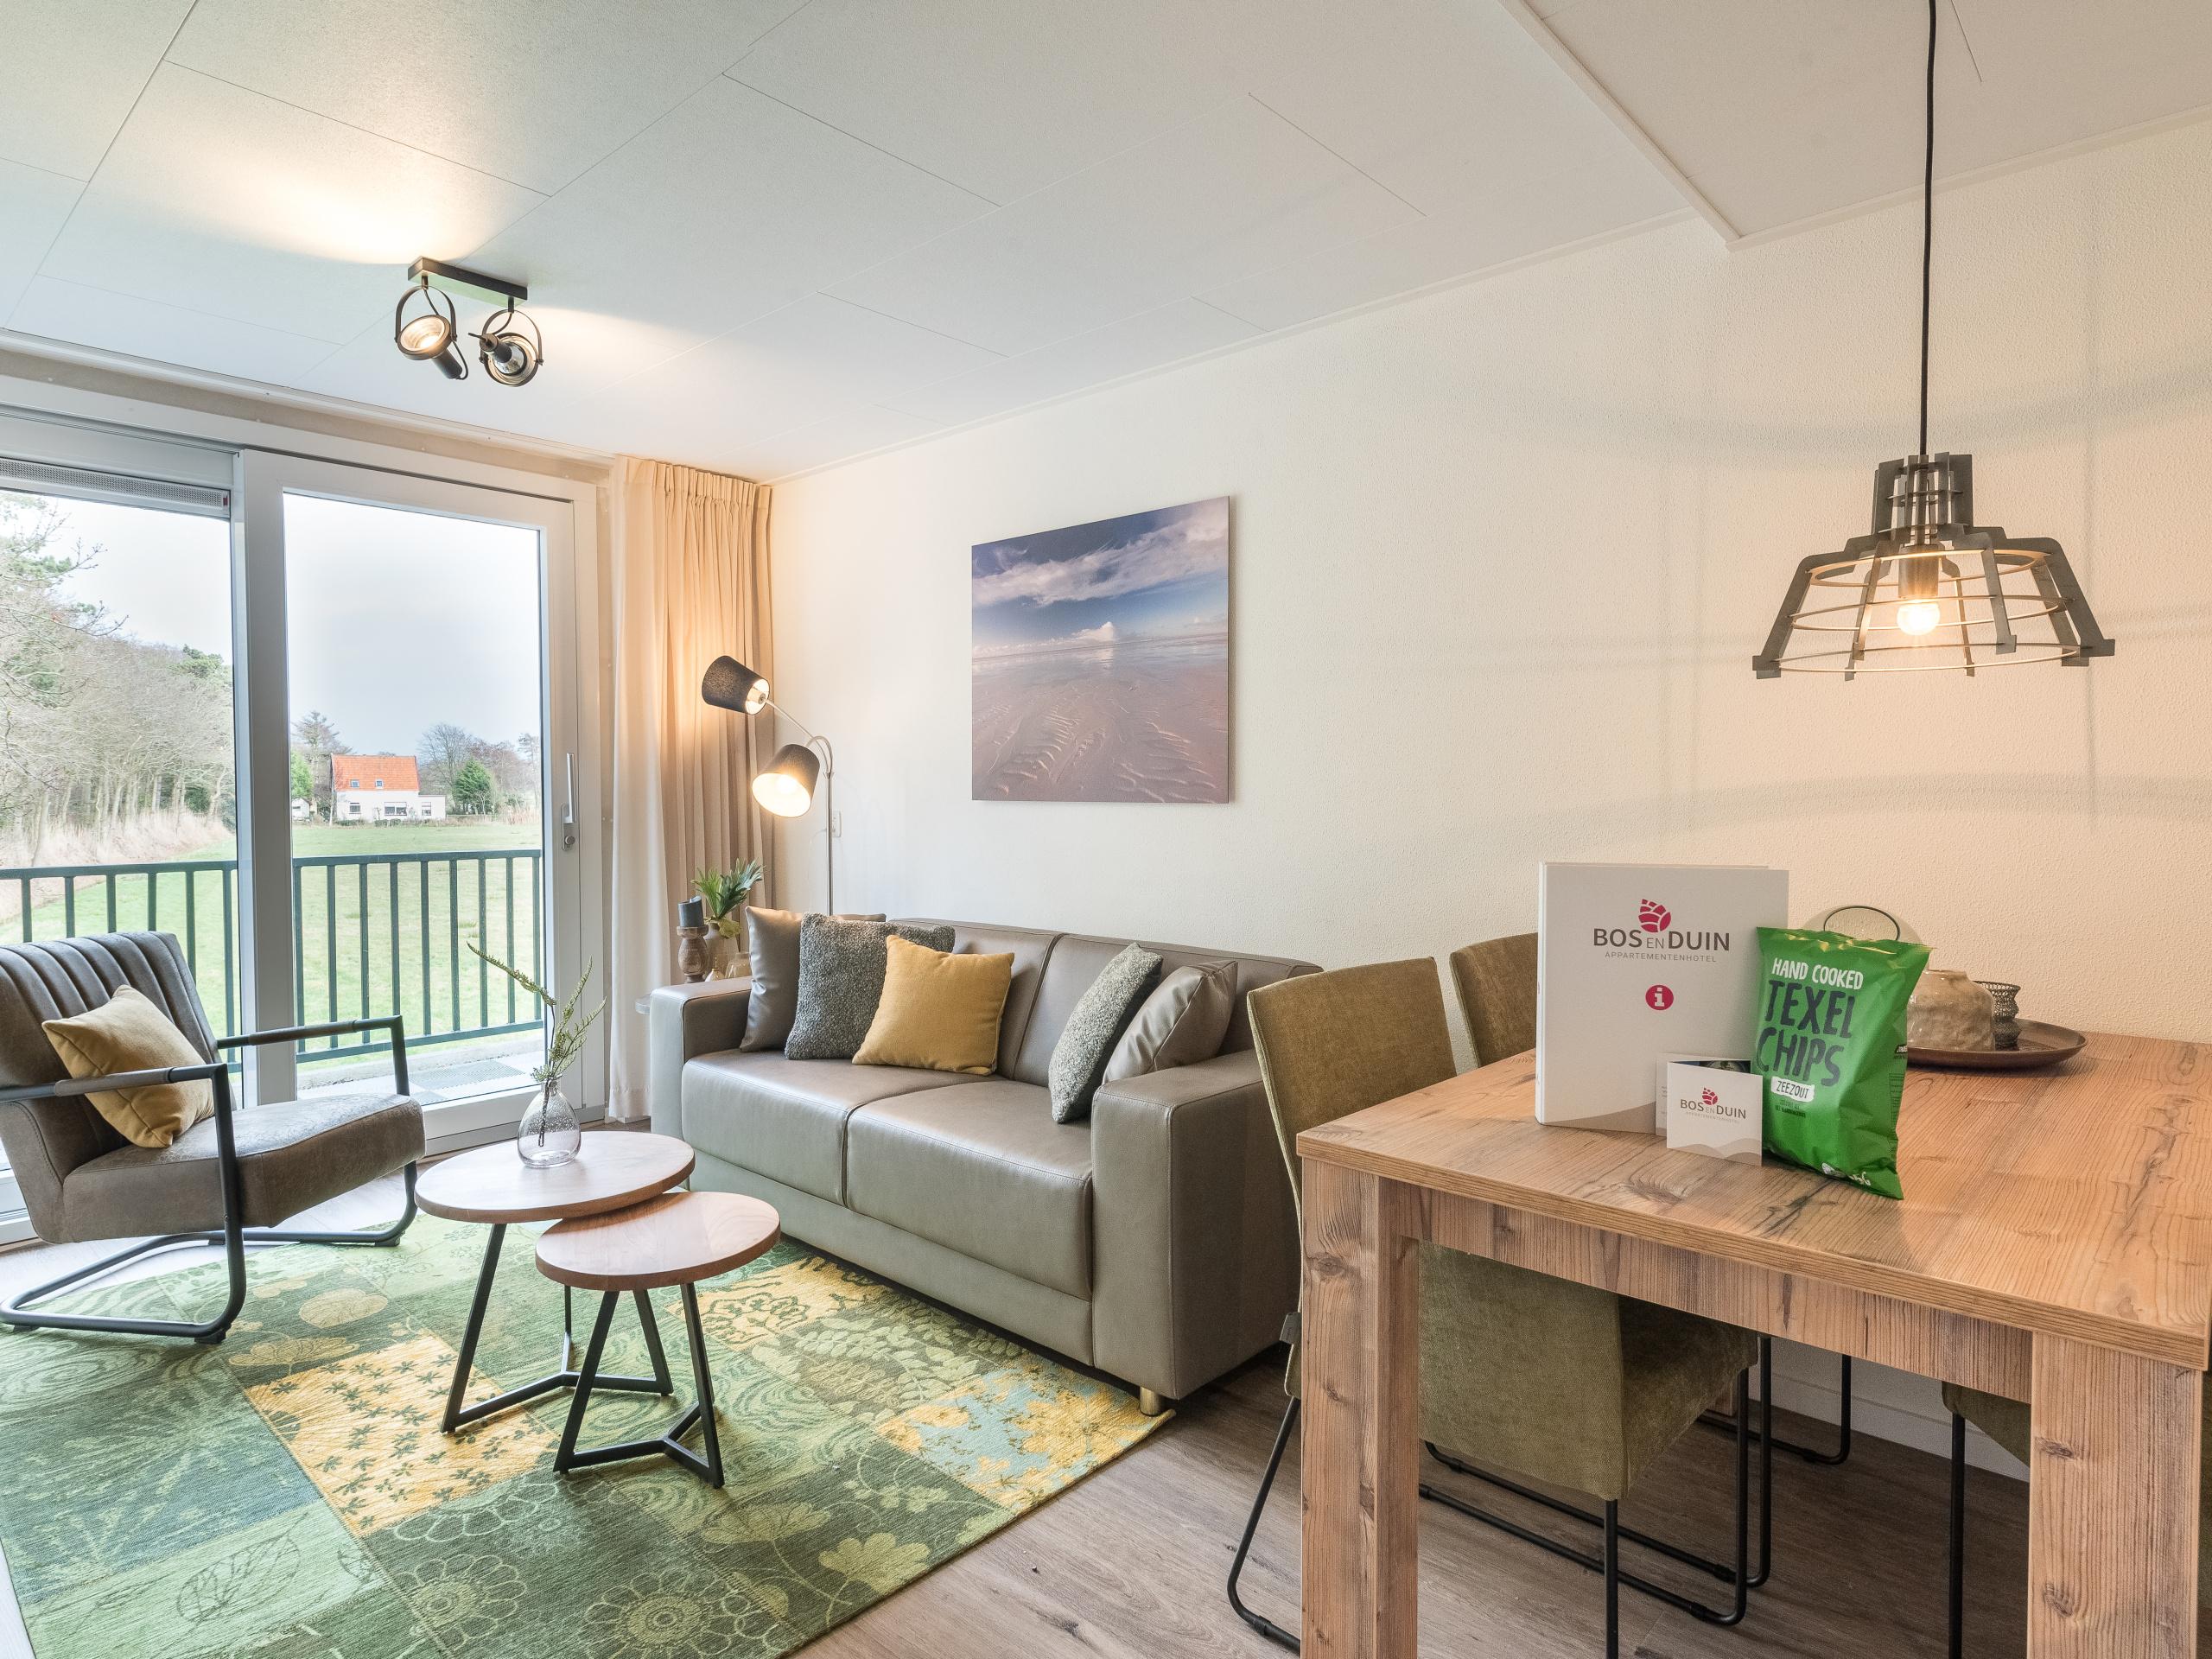 Appartement aan de rand van duingebied niet ver van Den Burg en strand